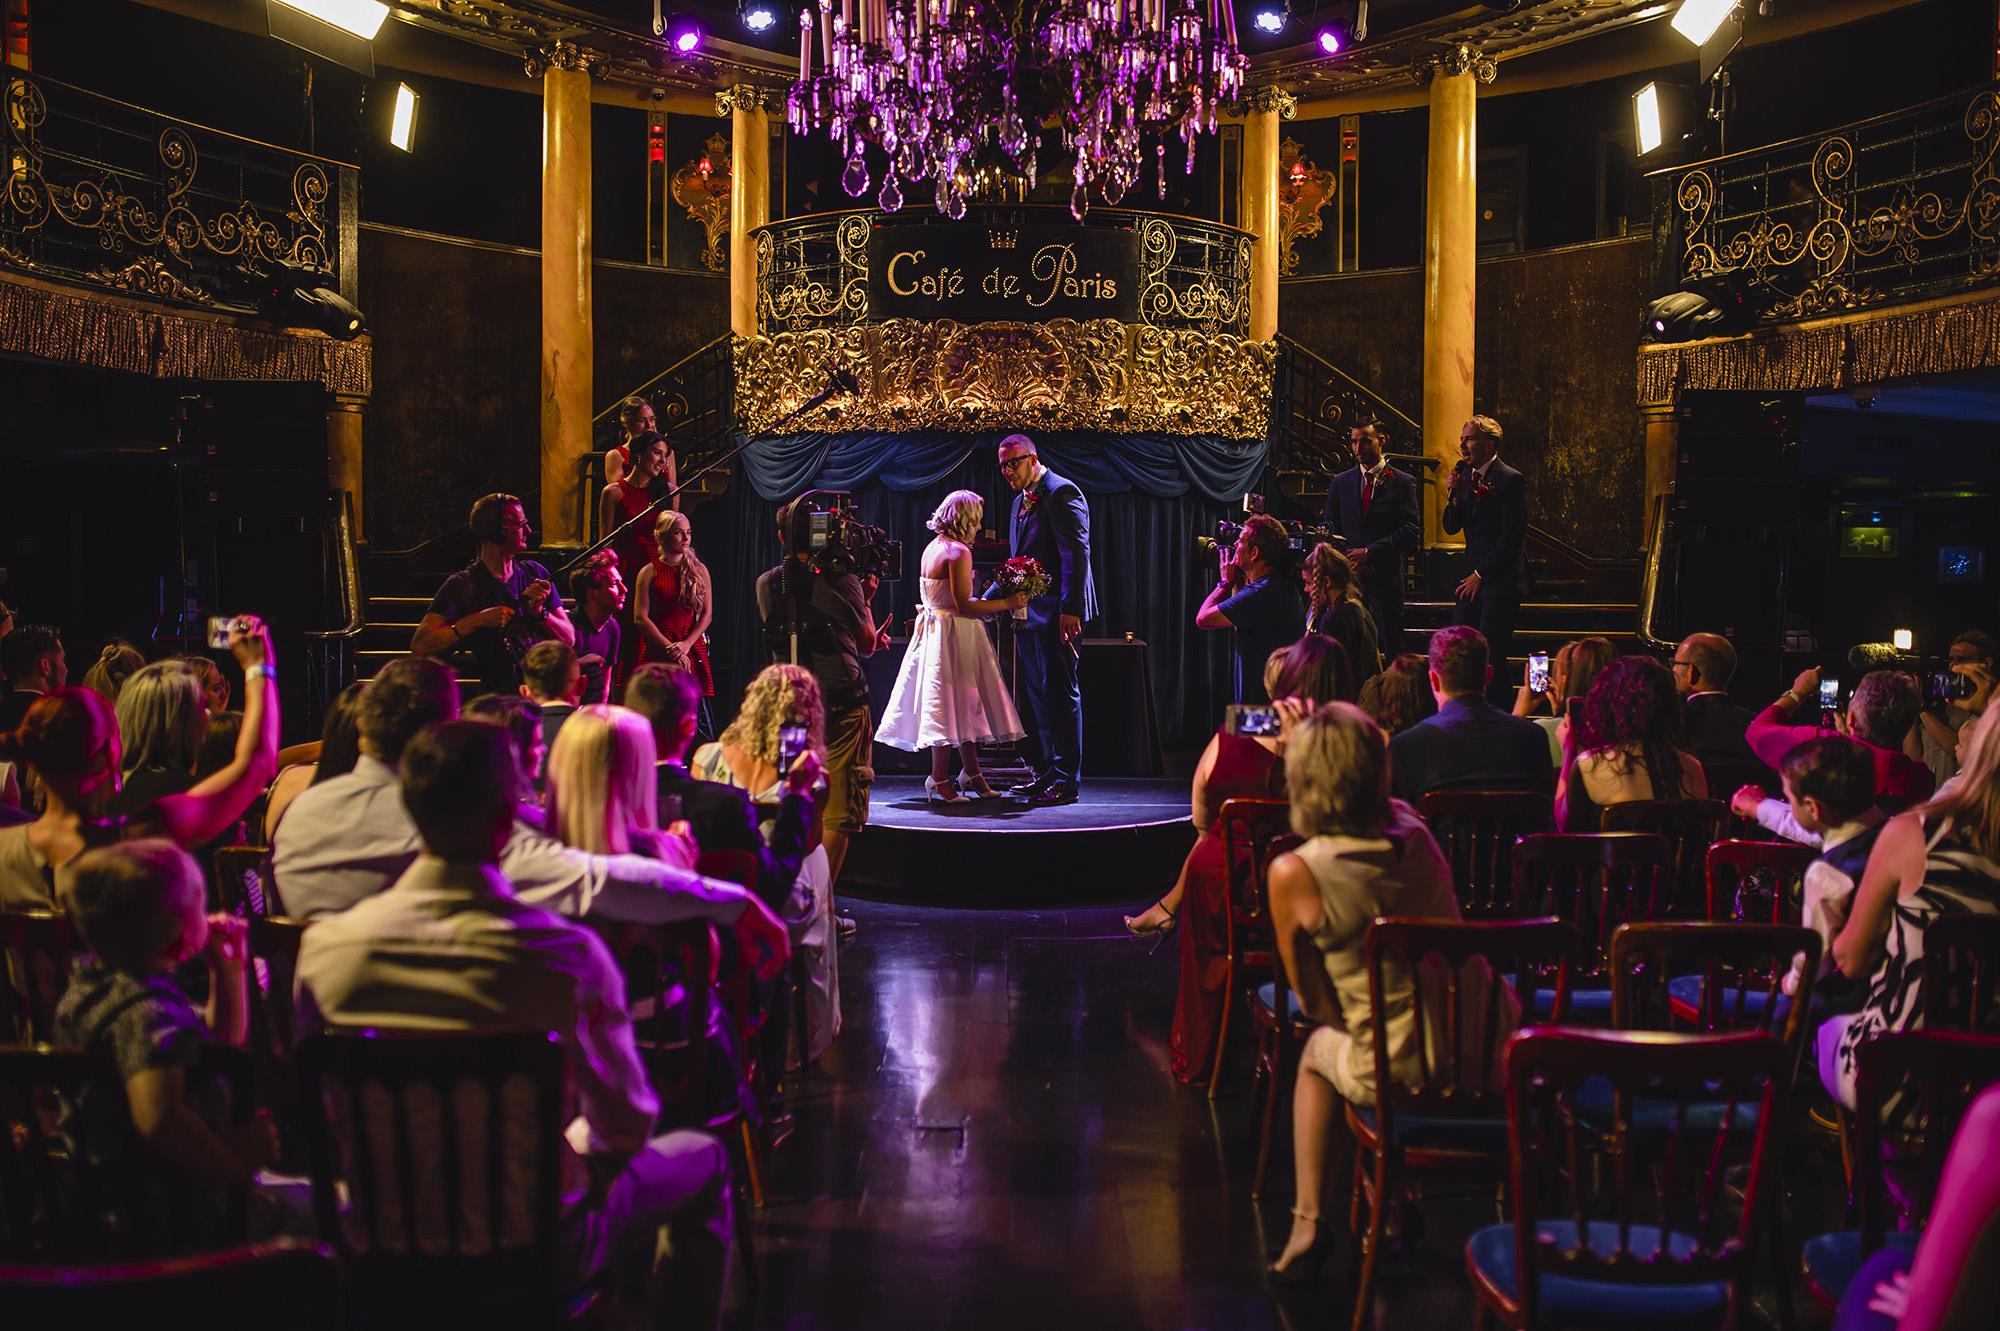 wedding ceremony in cafe de paris